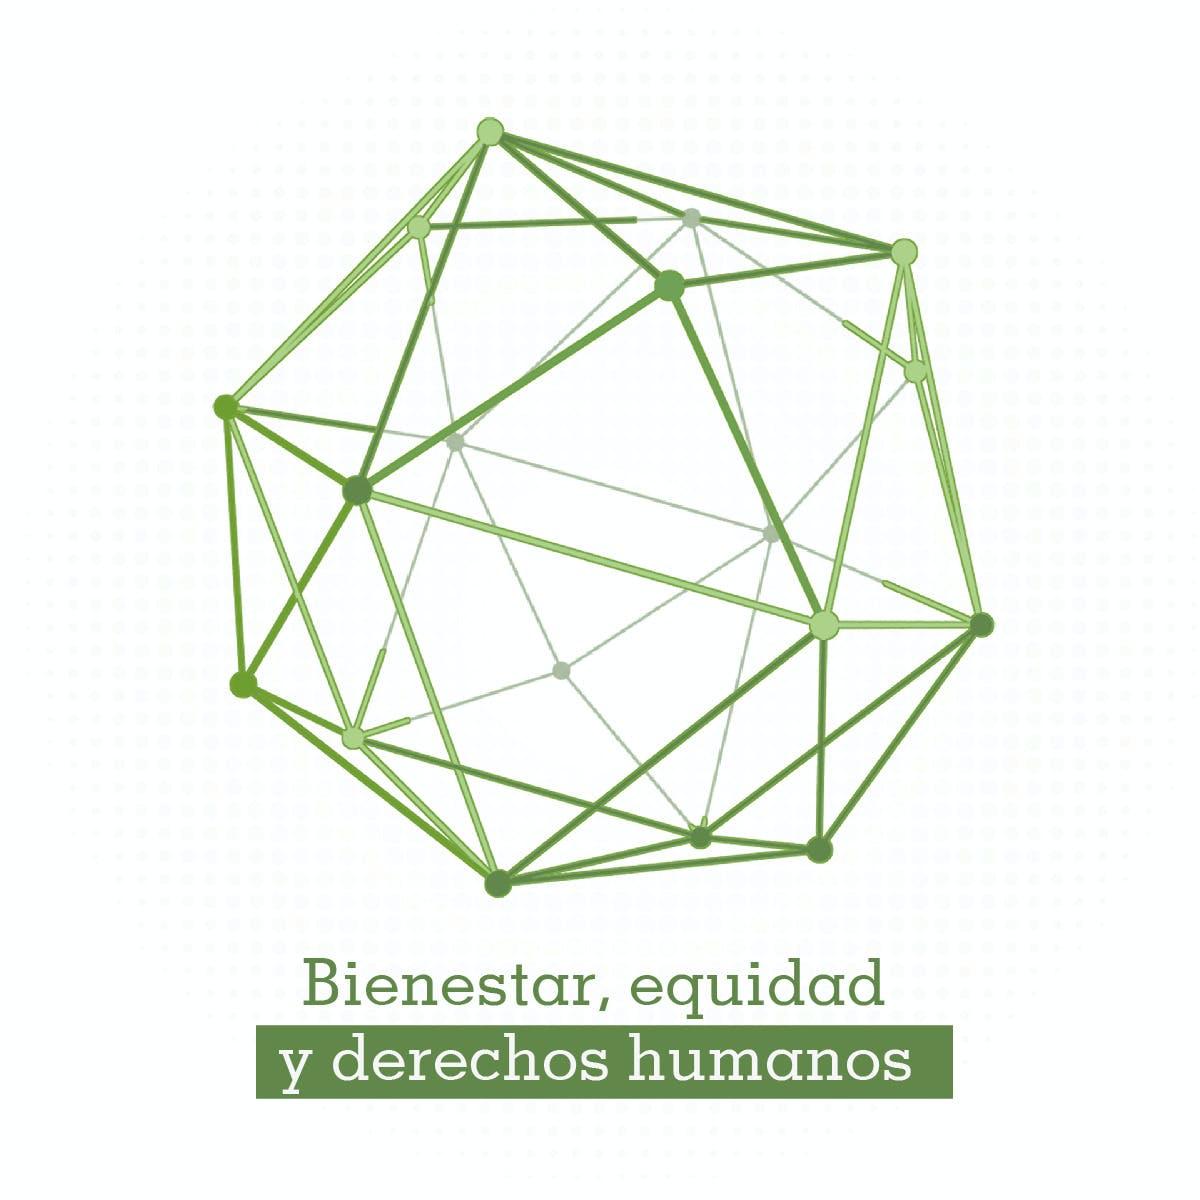 Bienestar, equidad y derechos humanos